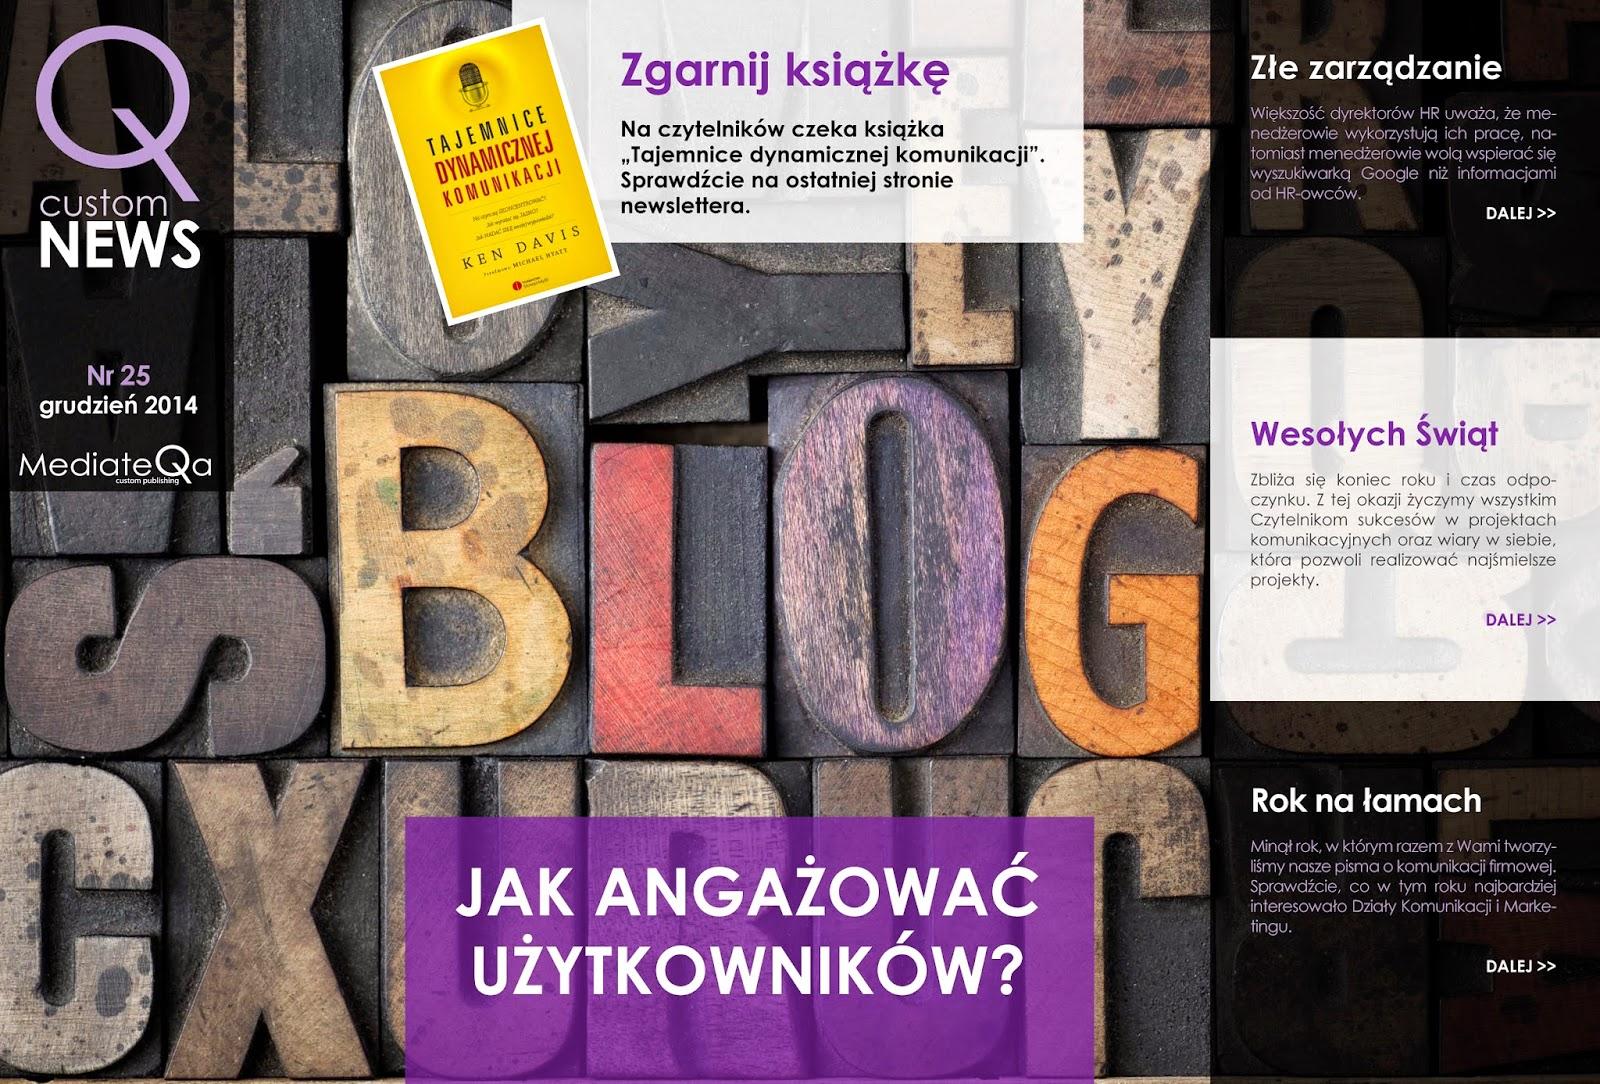 http://www.mediateqa.pl/newsletter/nr25/